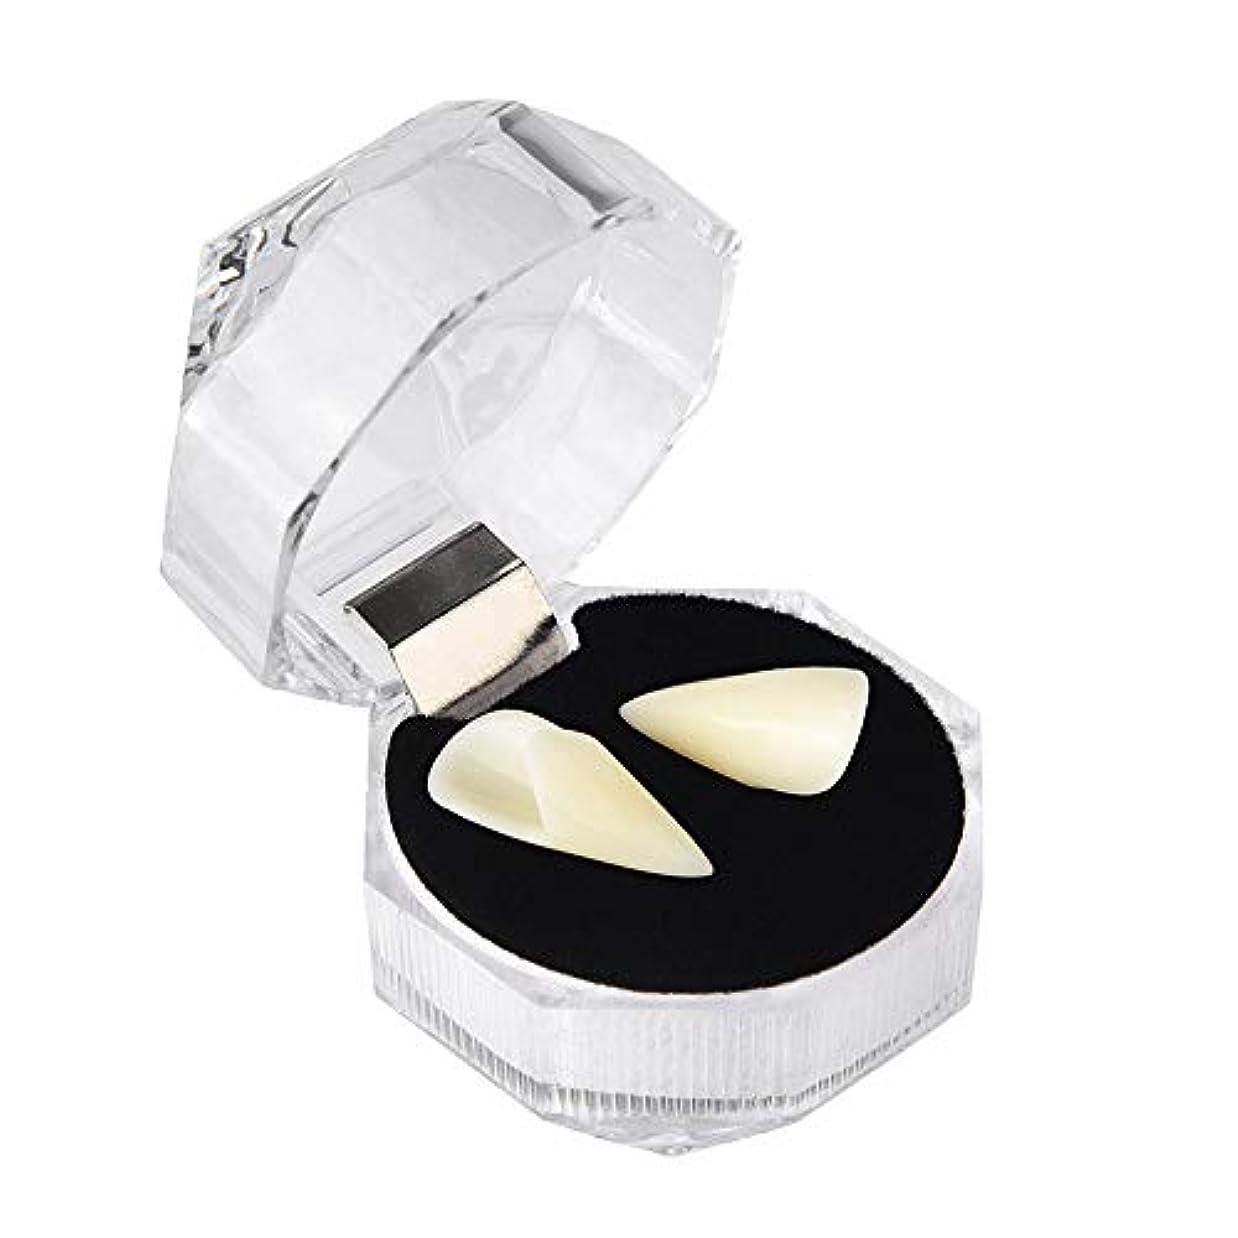 市民溶けた連続したユニセックスハロウィーンロールプレイングゾンビ義歯、樹脂にやさしい食品グレード義歯(13mm、15mm、17mm、19mm),19mm